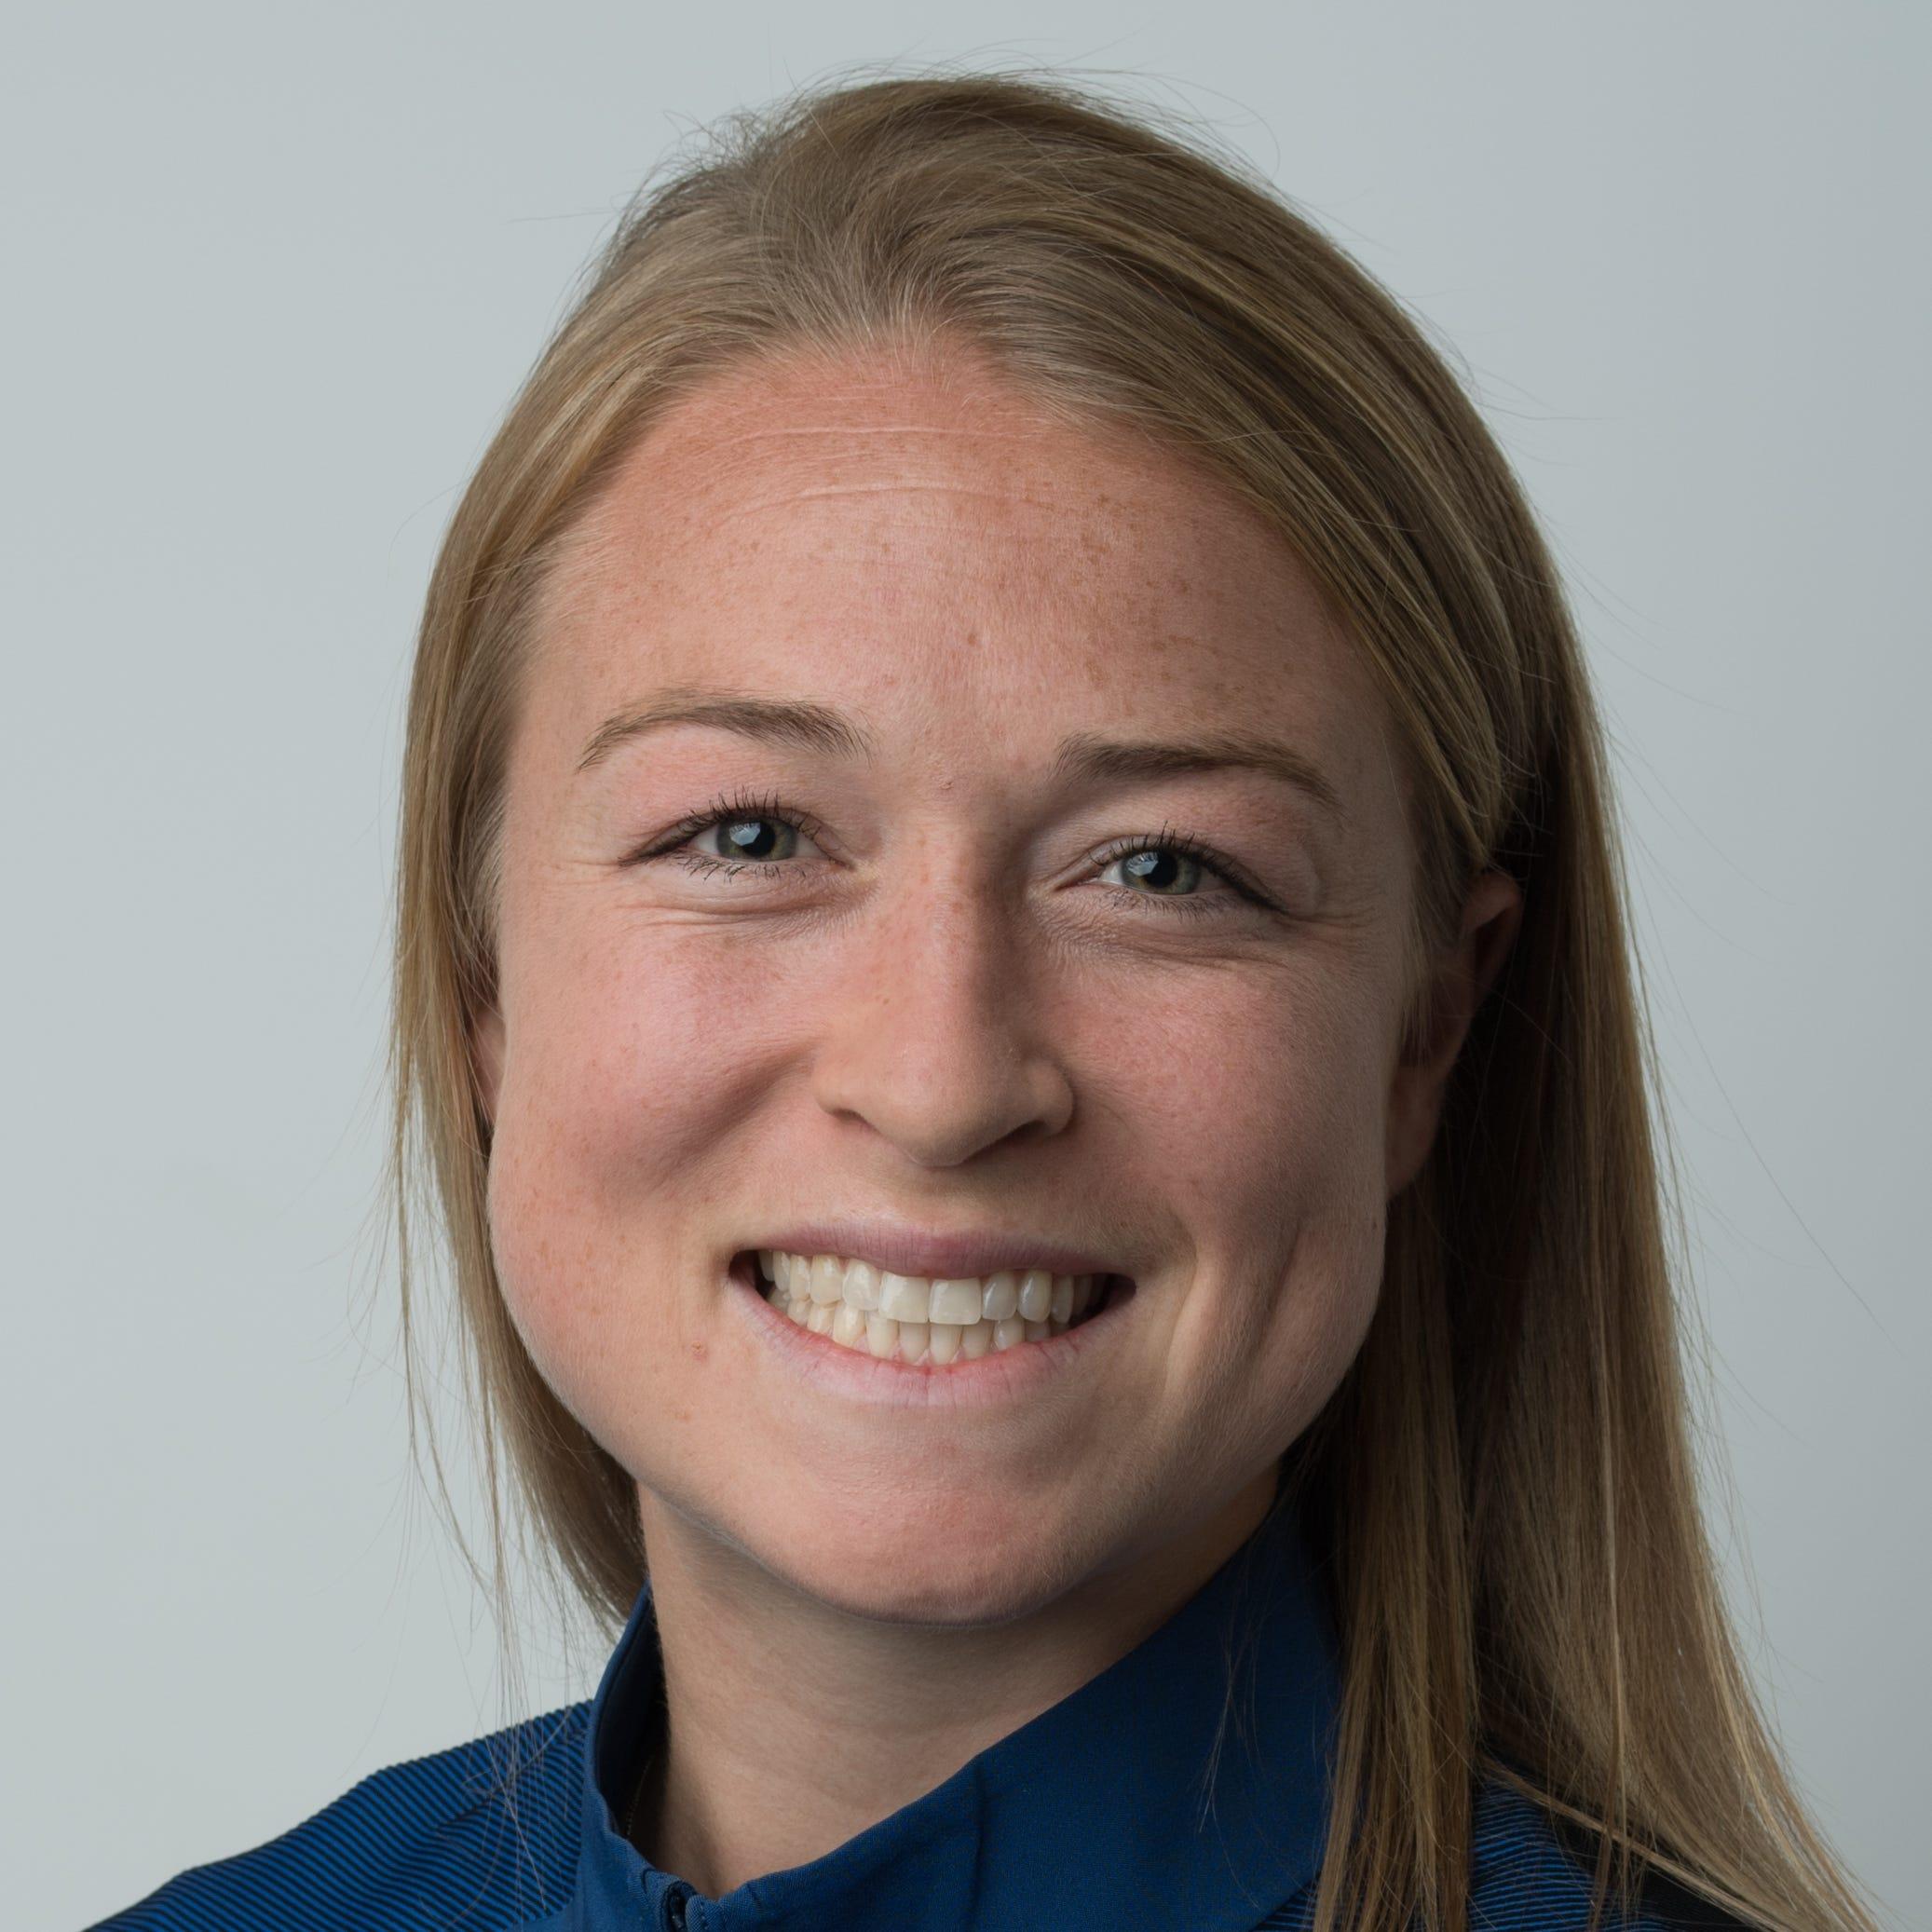 Emily Sonnett